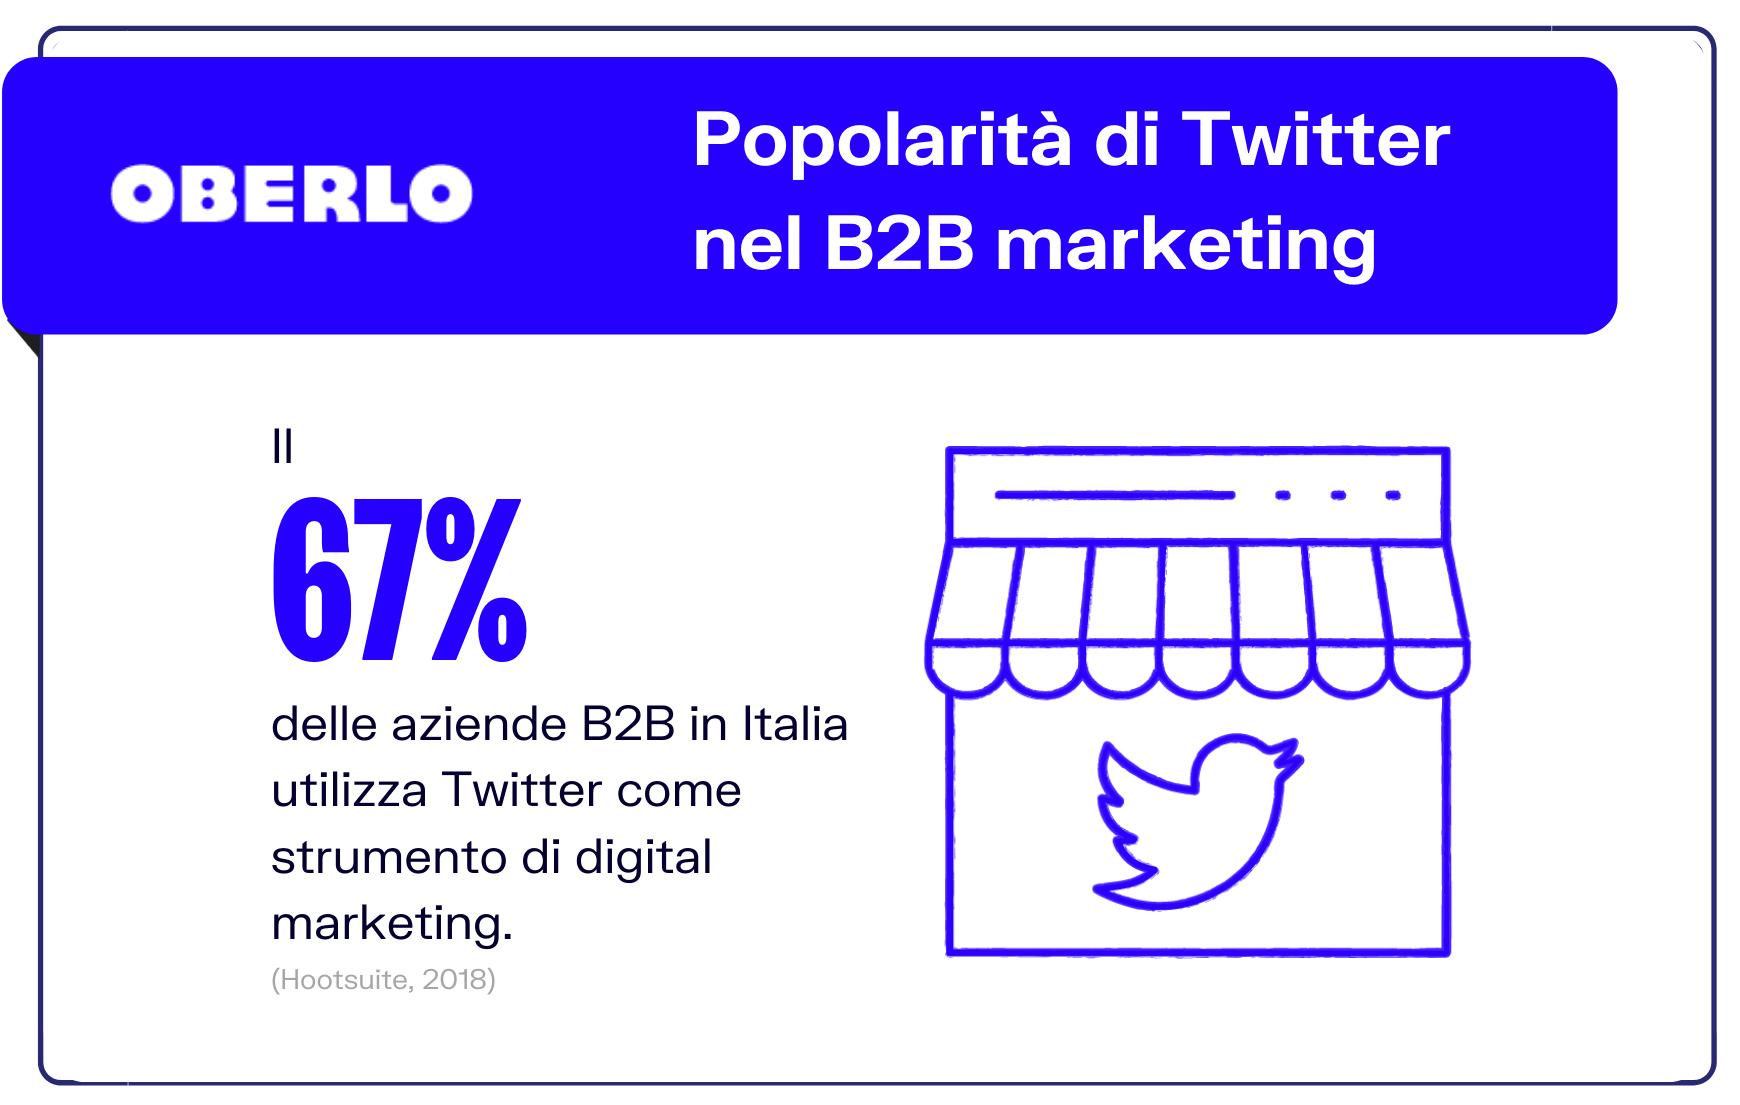 Twitter B2B